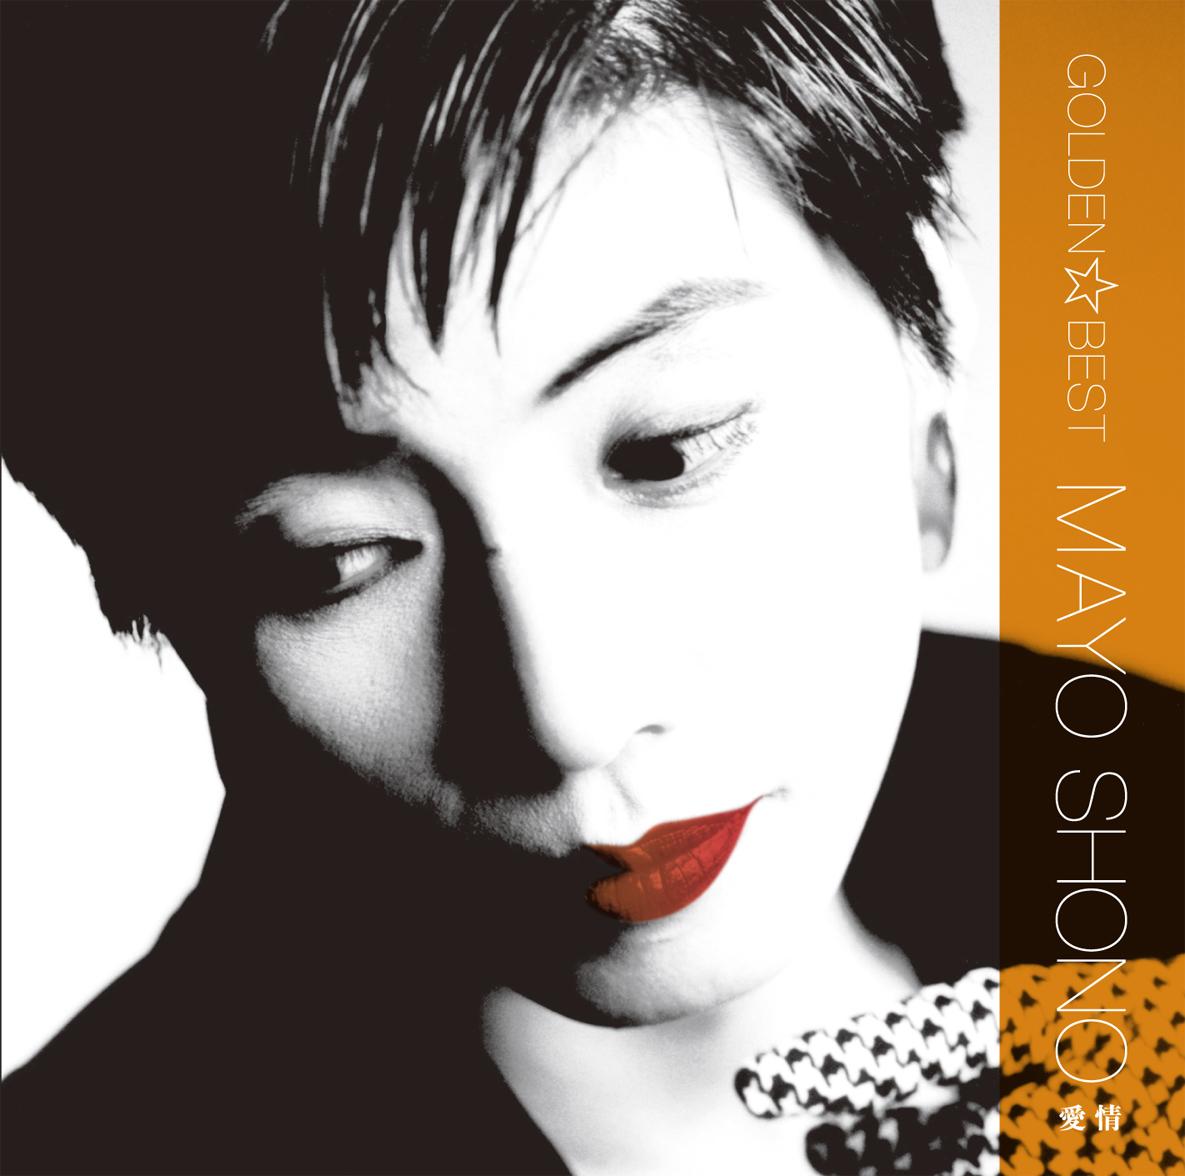 庄野真代 1976年にデビューを飾り、今年で活動40周年を迎えたシンガー、庄野真代の最新ベスト・アルバム『GOLDEN☆BEST 庄野真代  愛情』が本日10月19日にリリースされました。